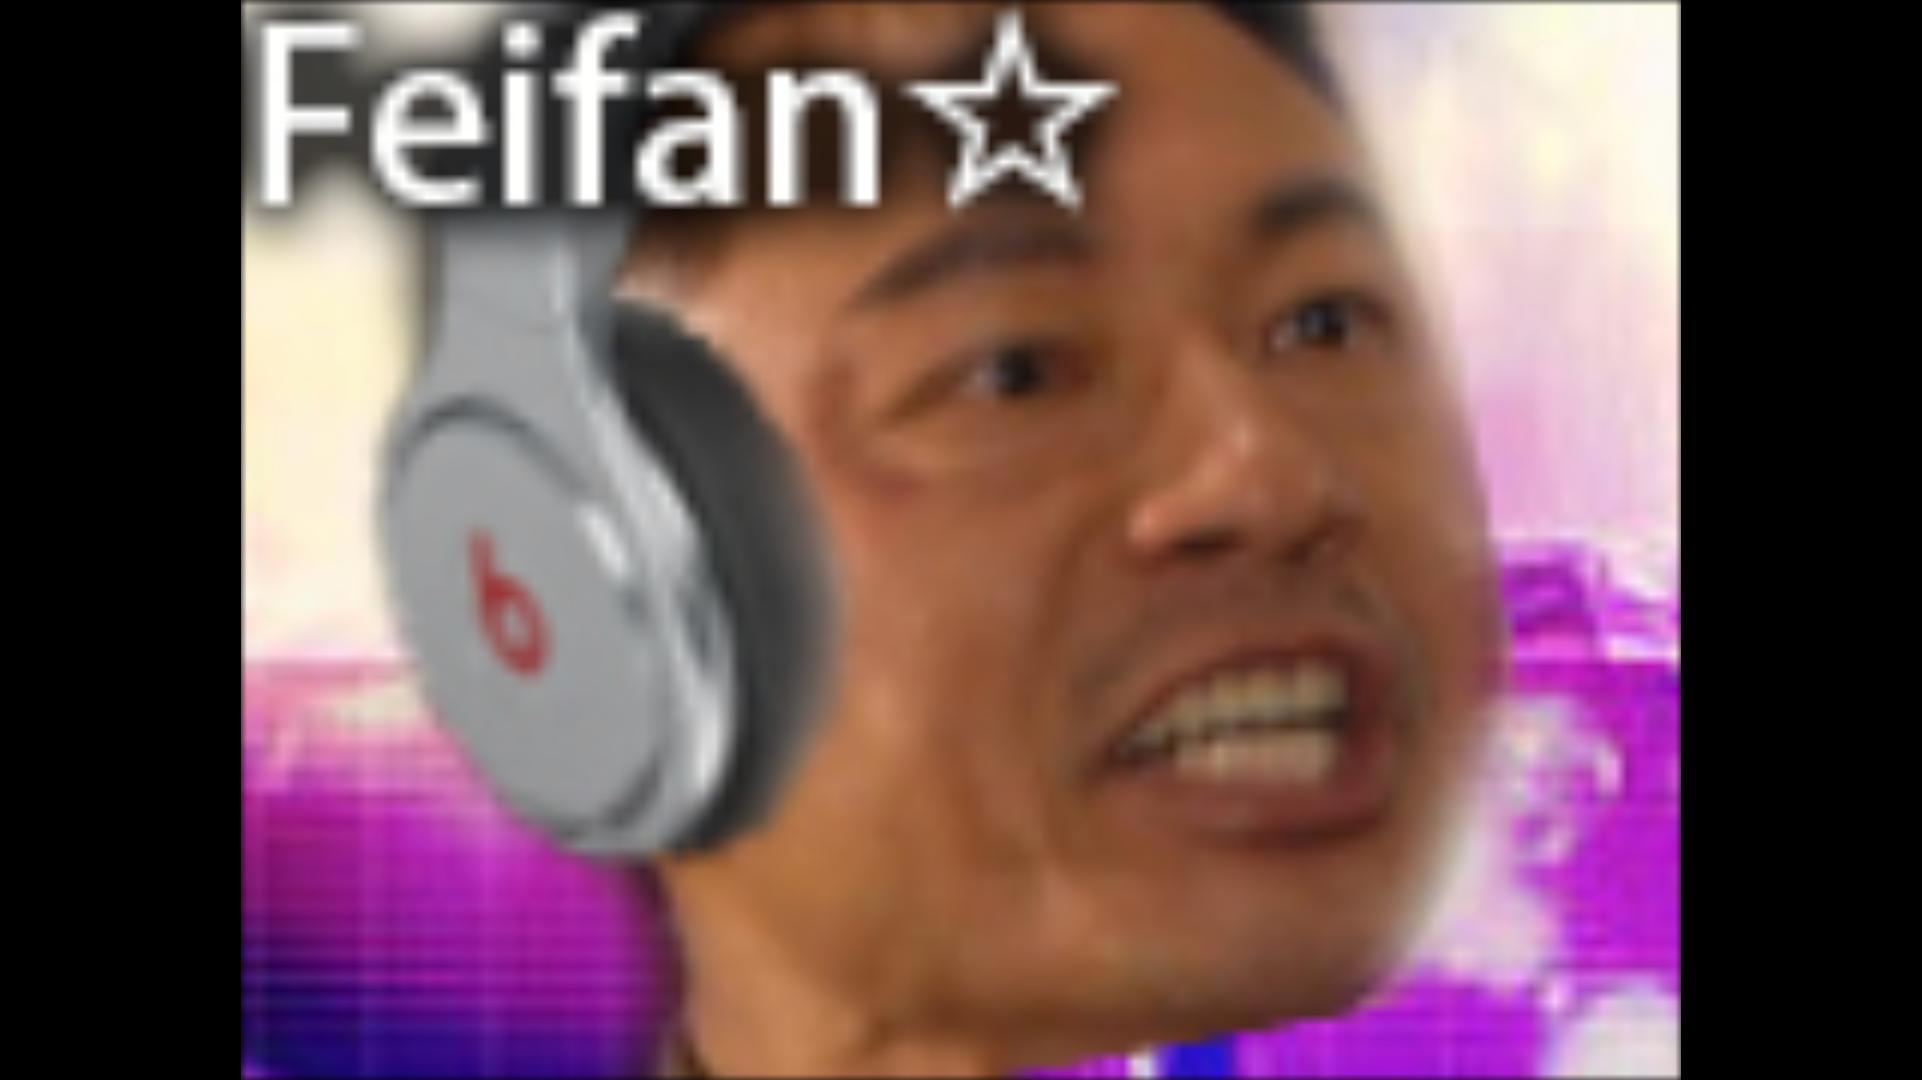 【梁非凡】吔屎的希望 Feifan☆ remix